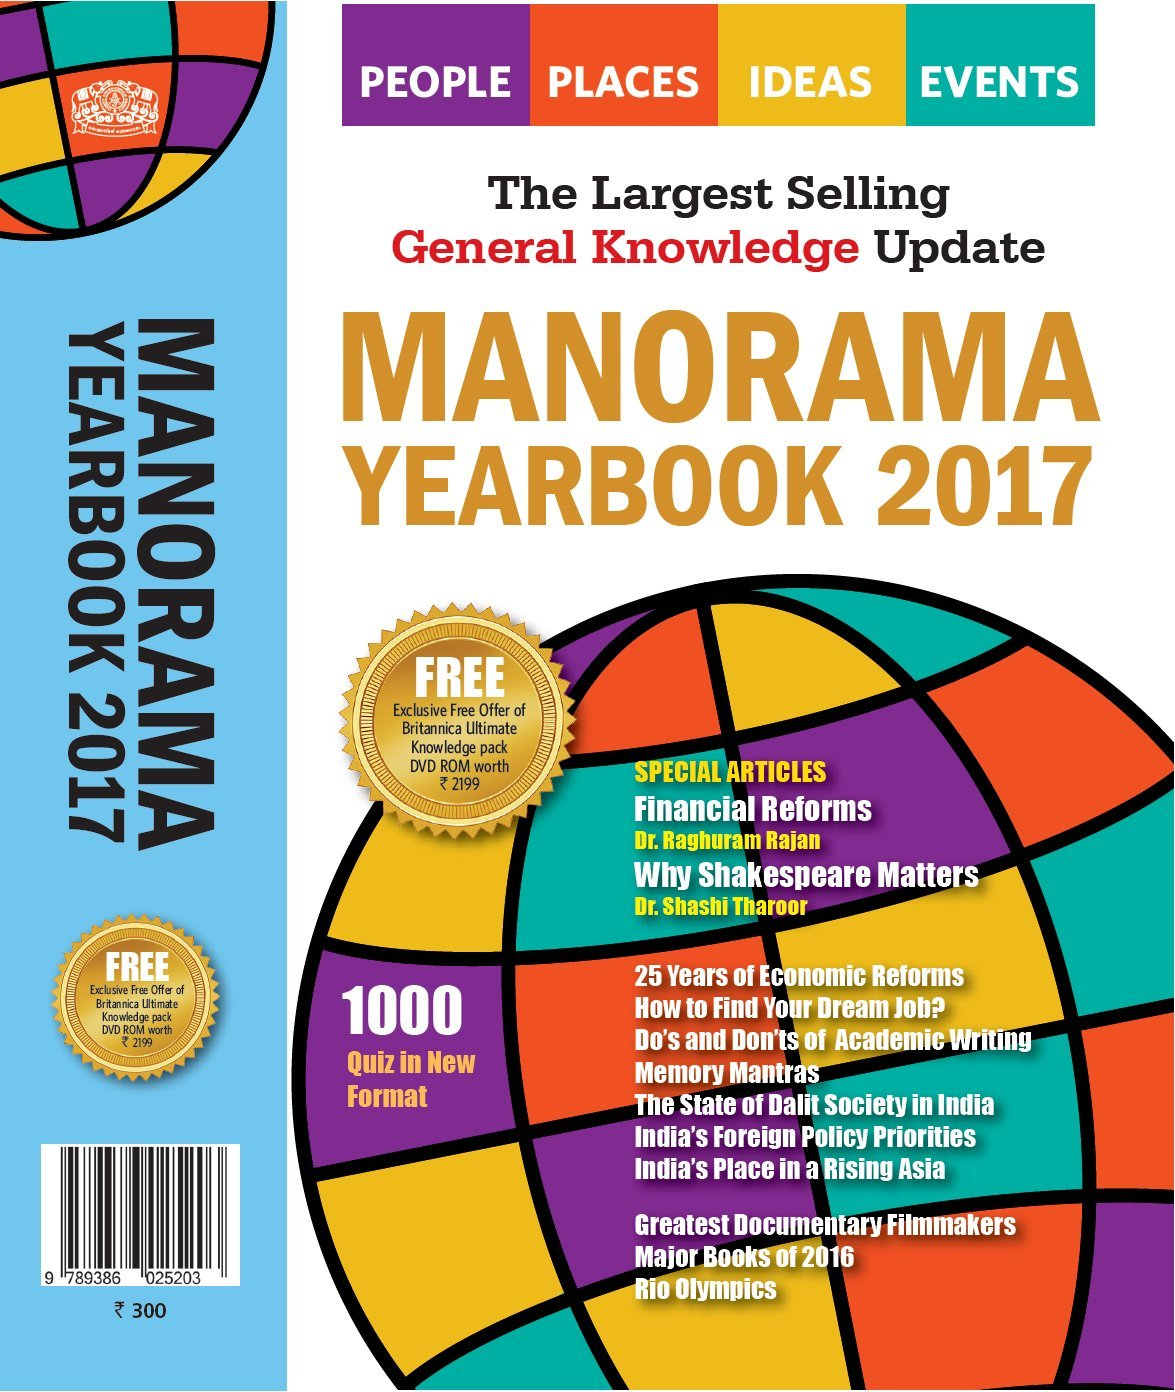 Manorama Yearbook Image